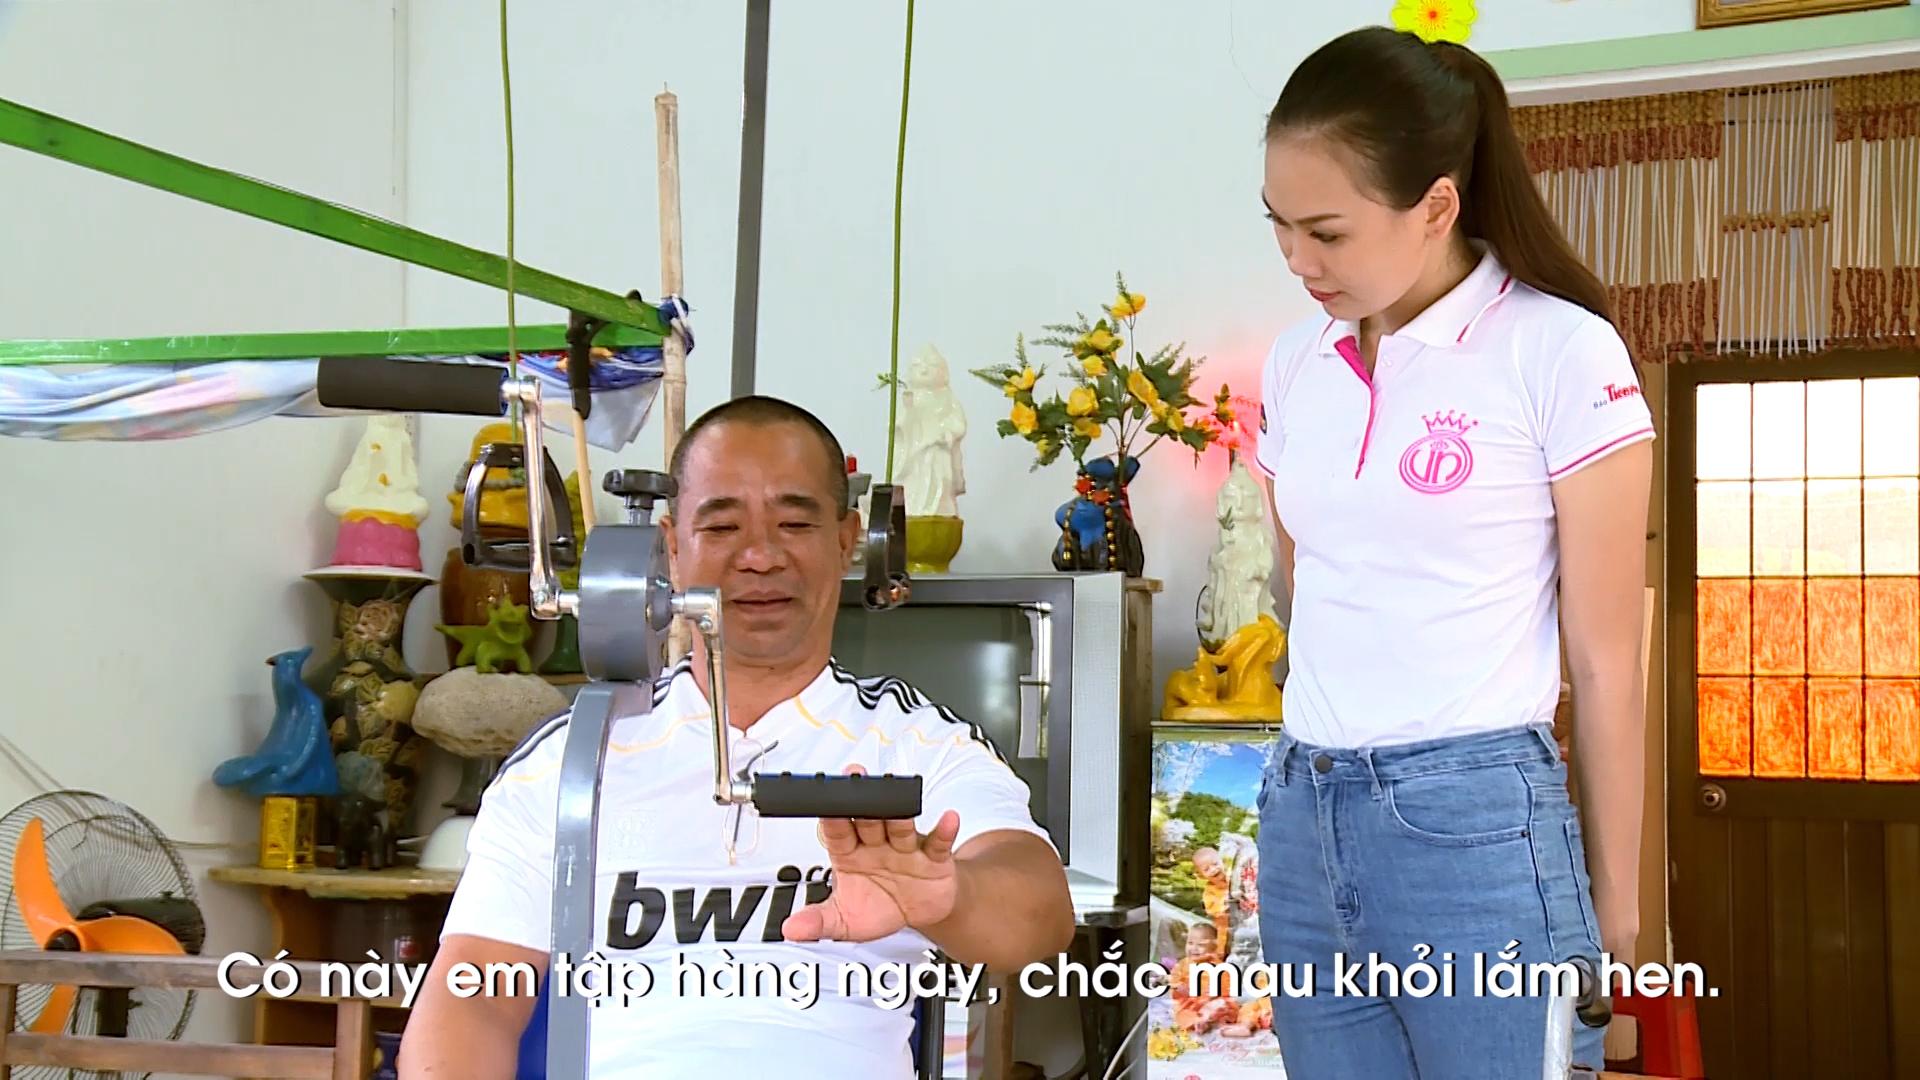 Nguyen Huong My Linh (30)